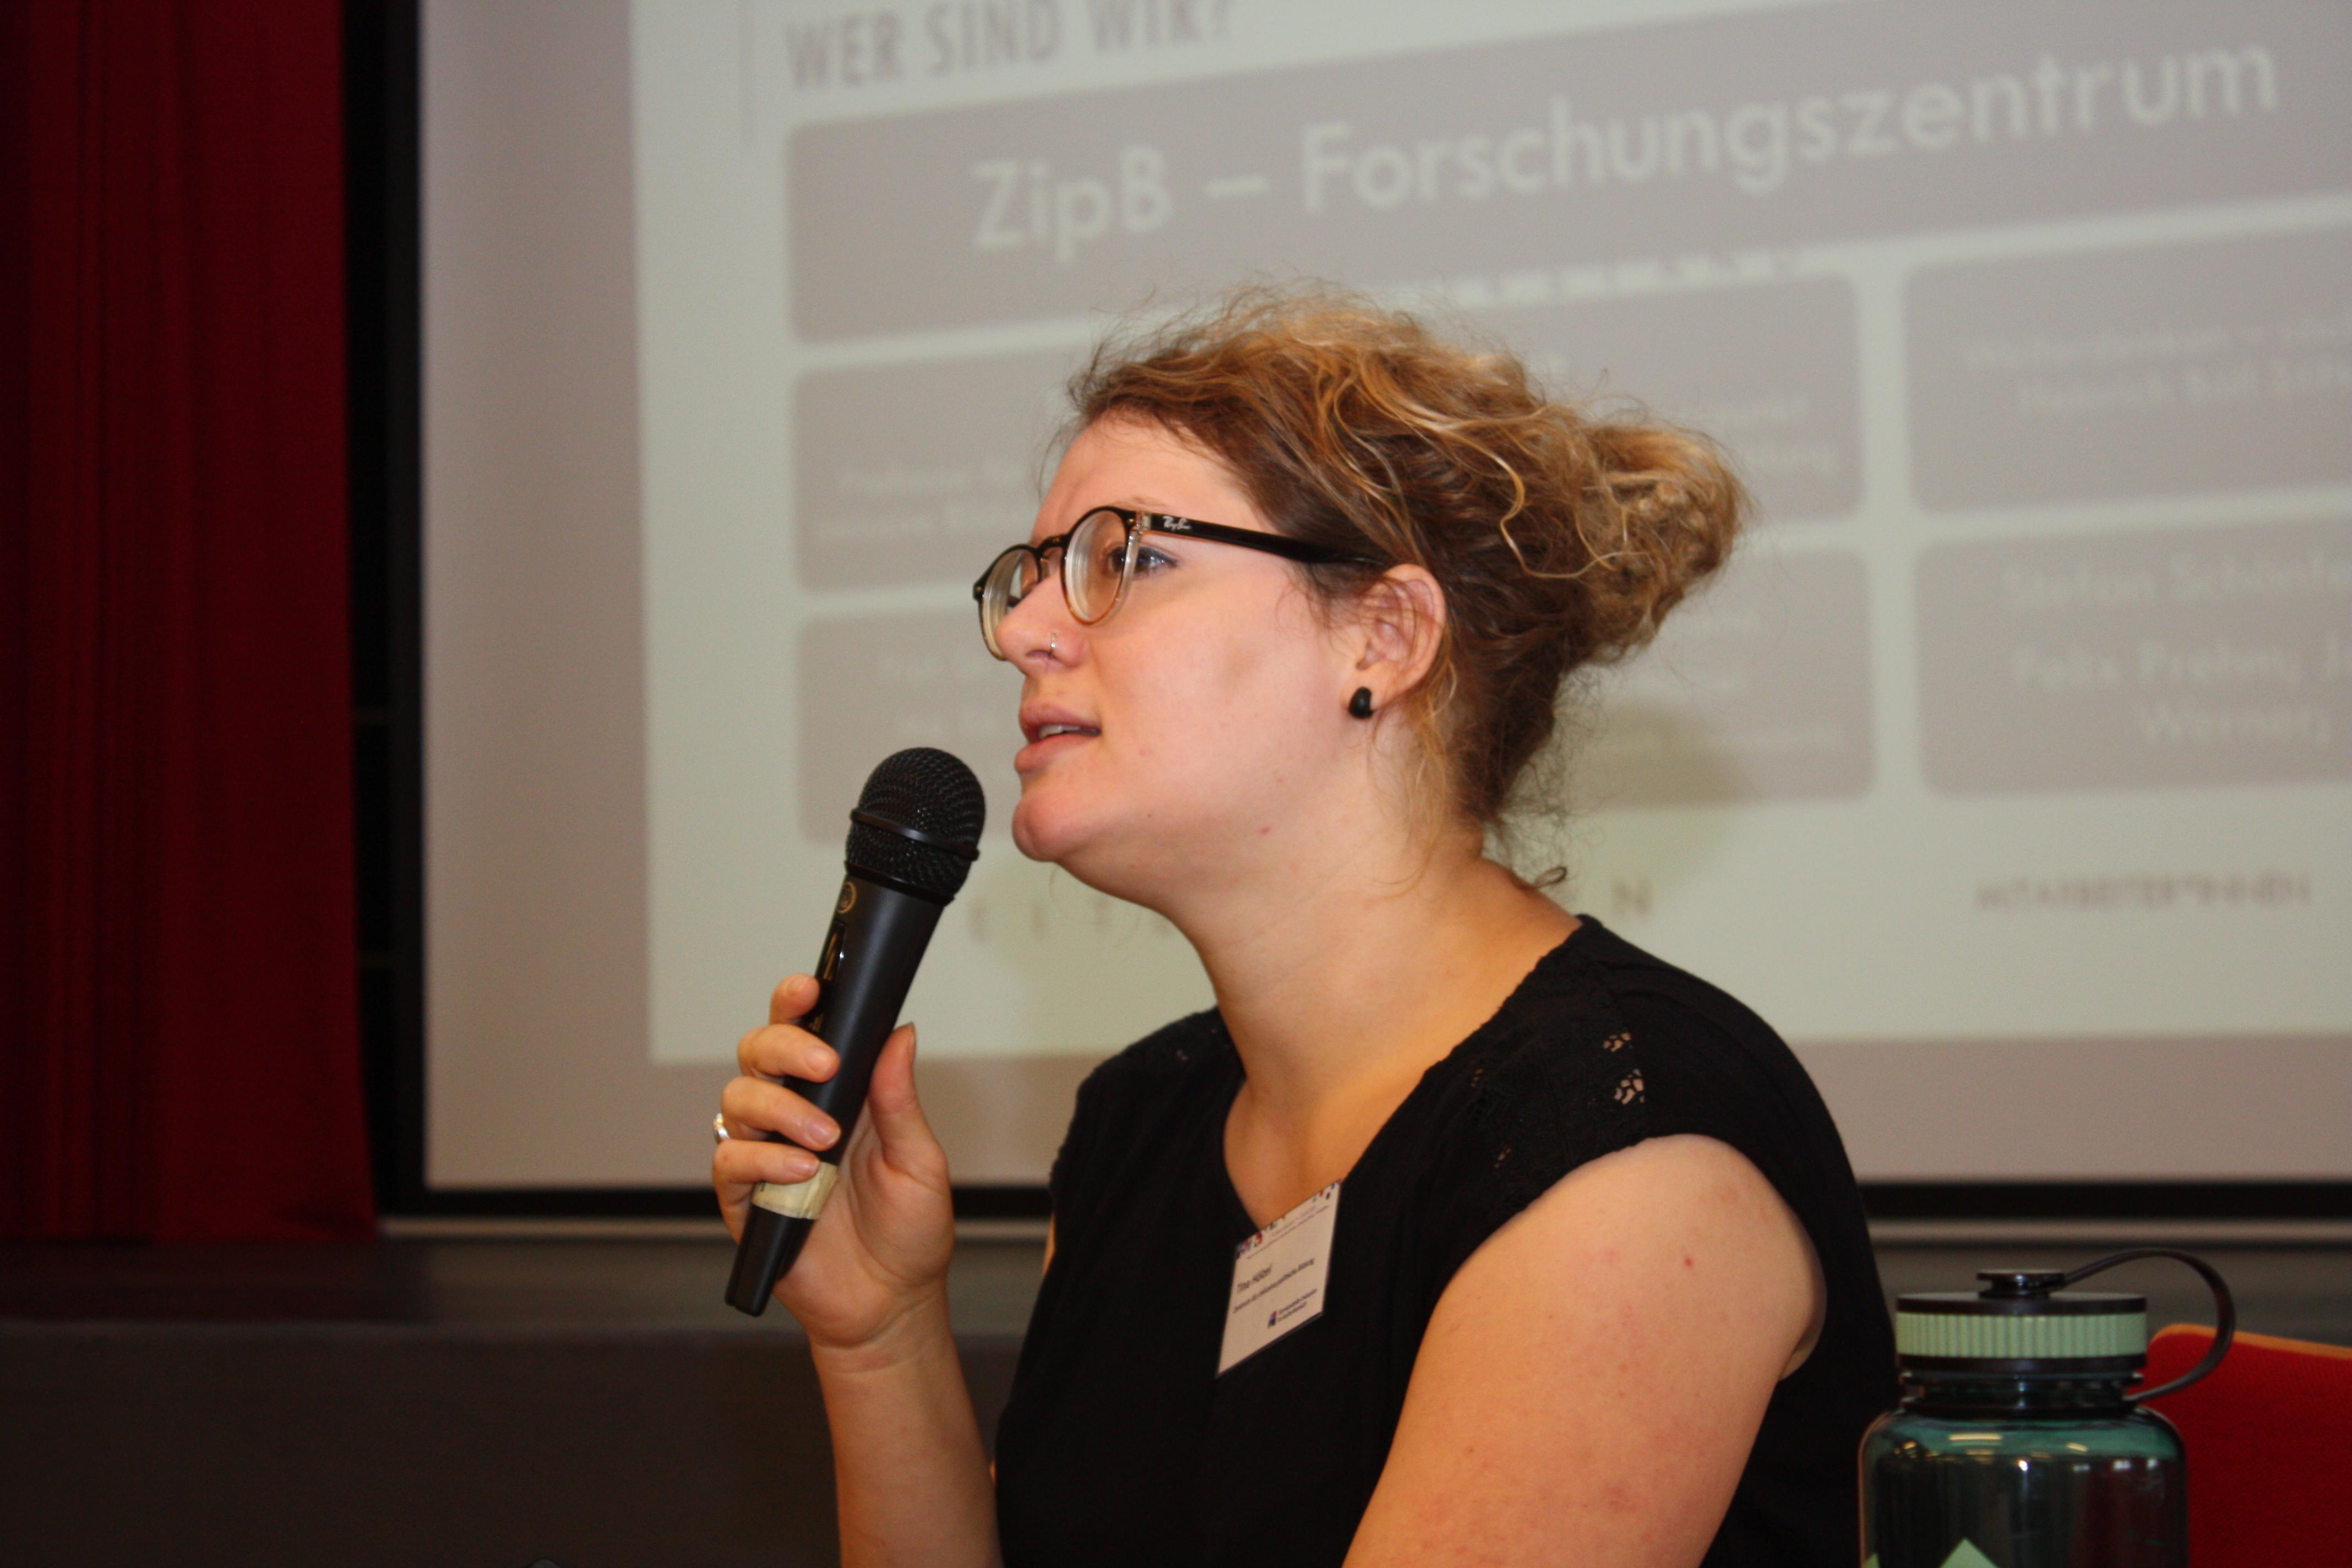 Referentin spricht ins Mikrofon